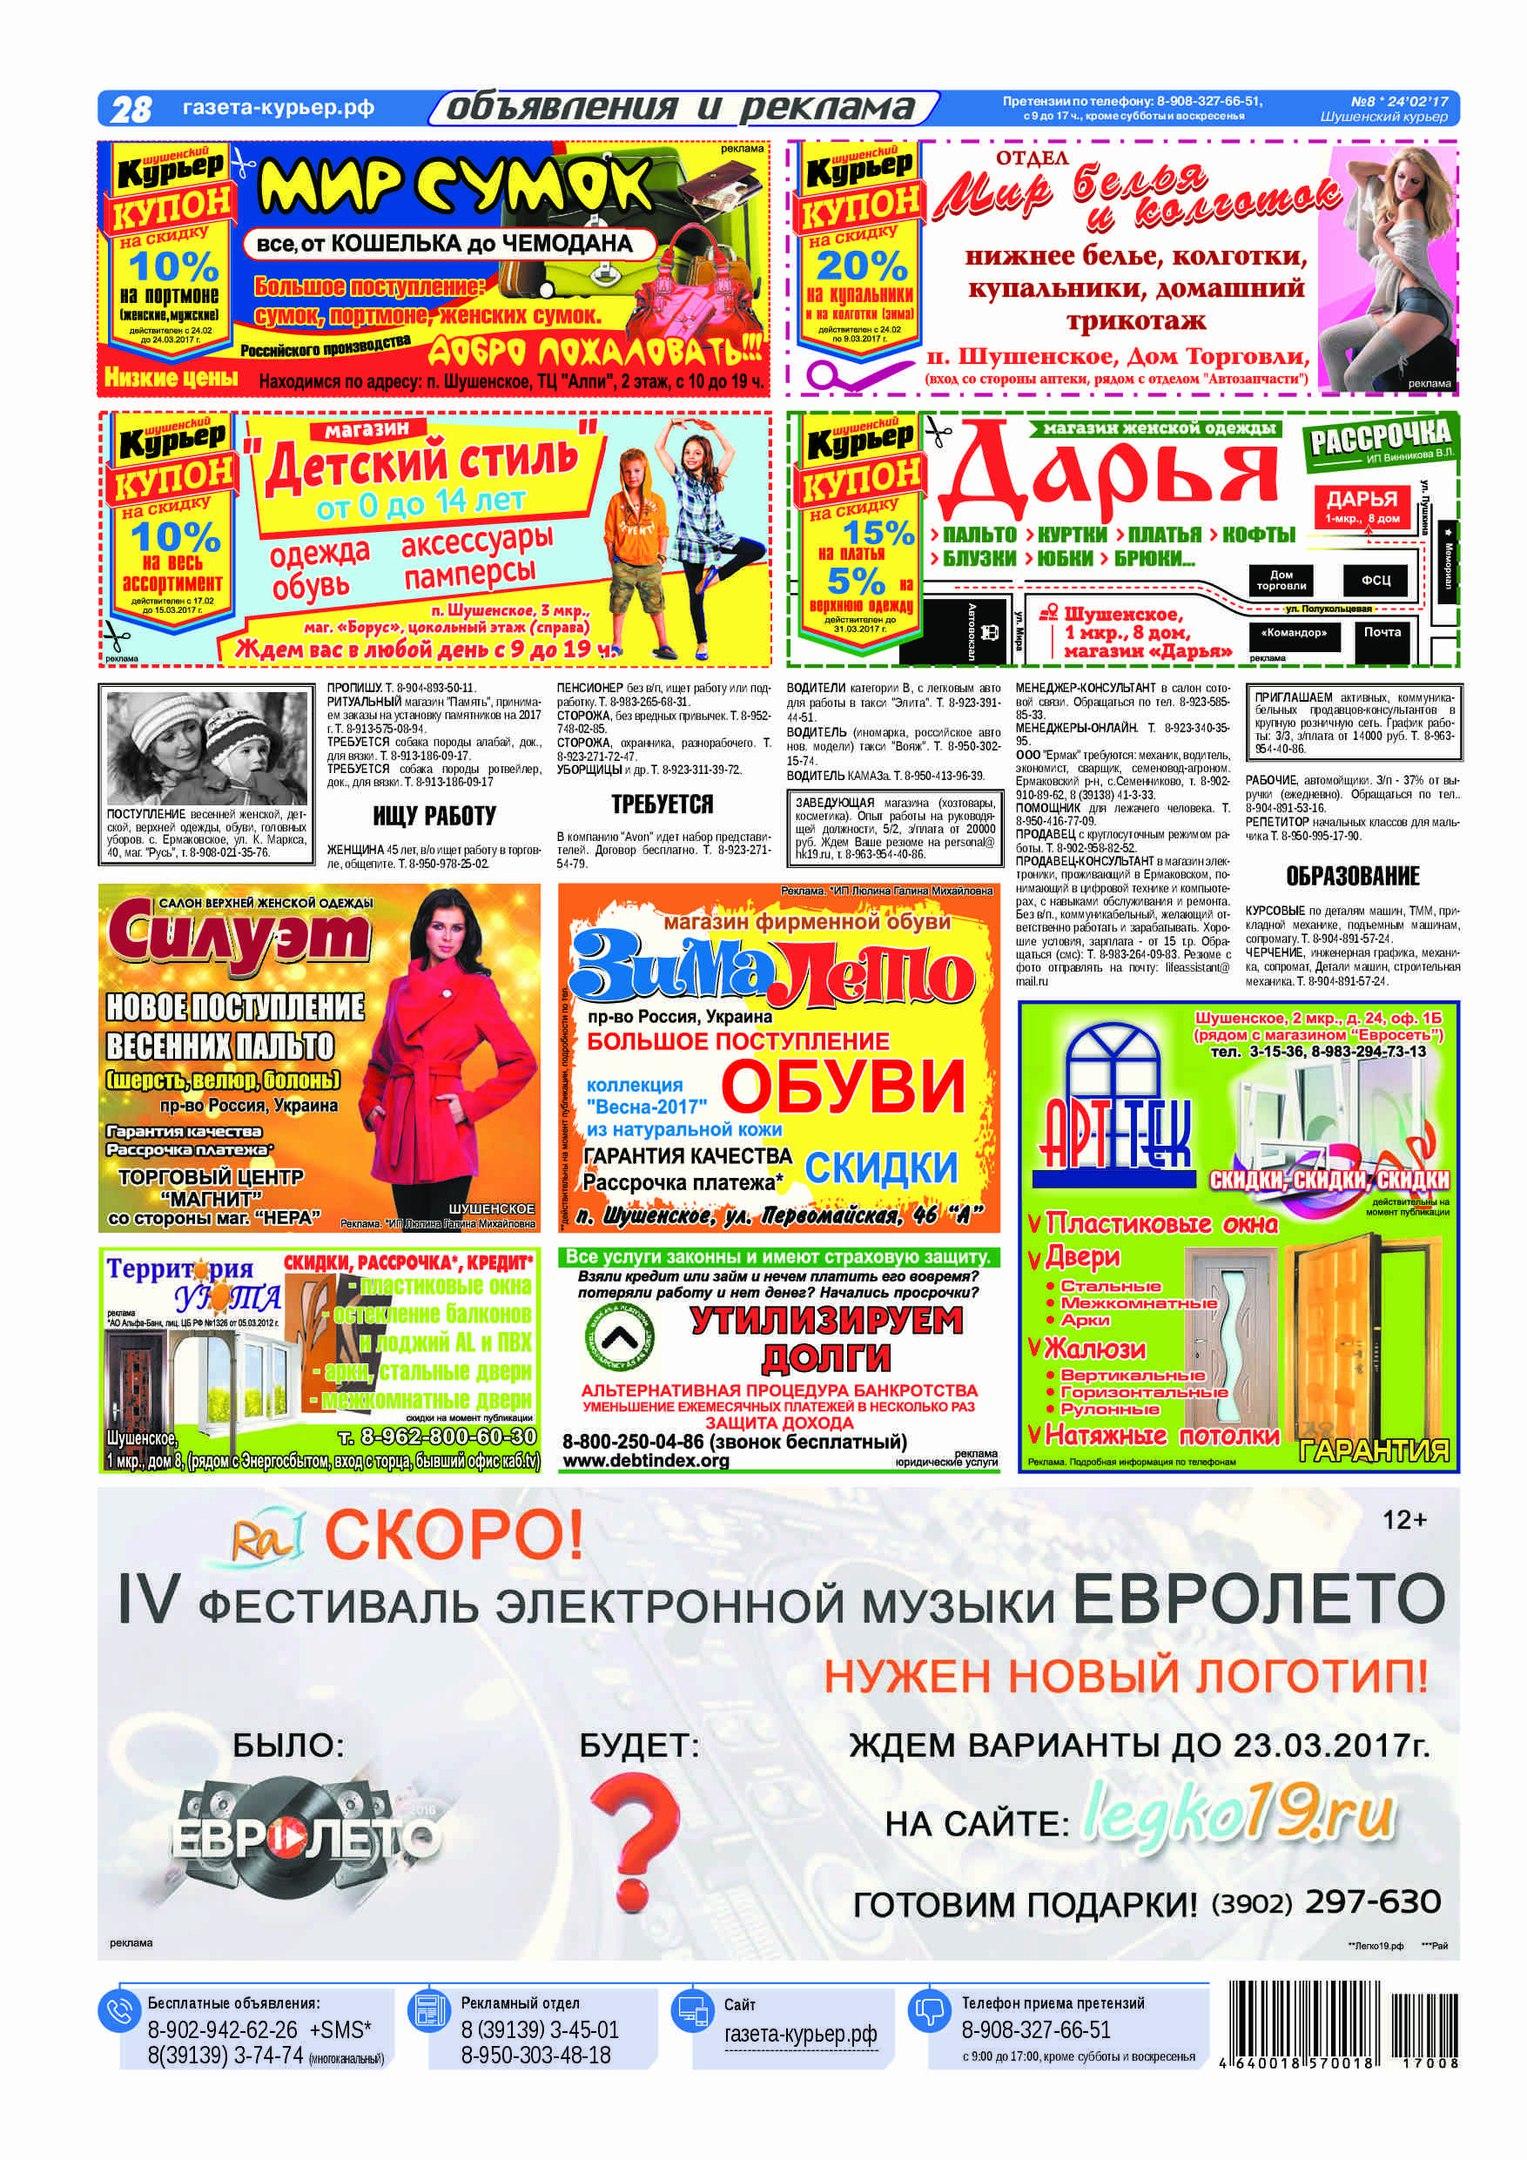 Красноярск реклама дать объявление доска объявлений всп верхнее строение пути